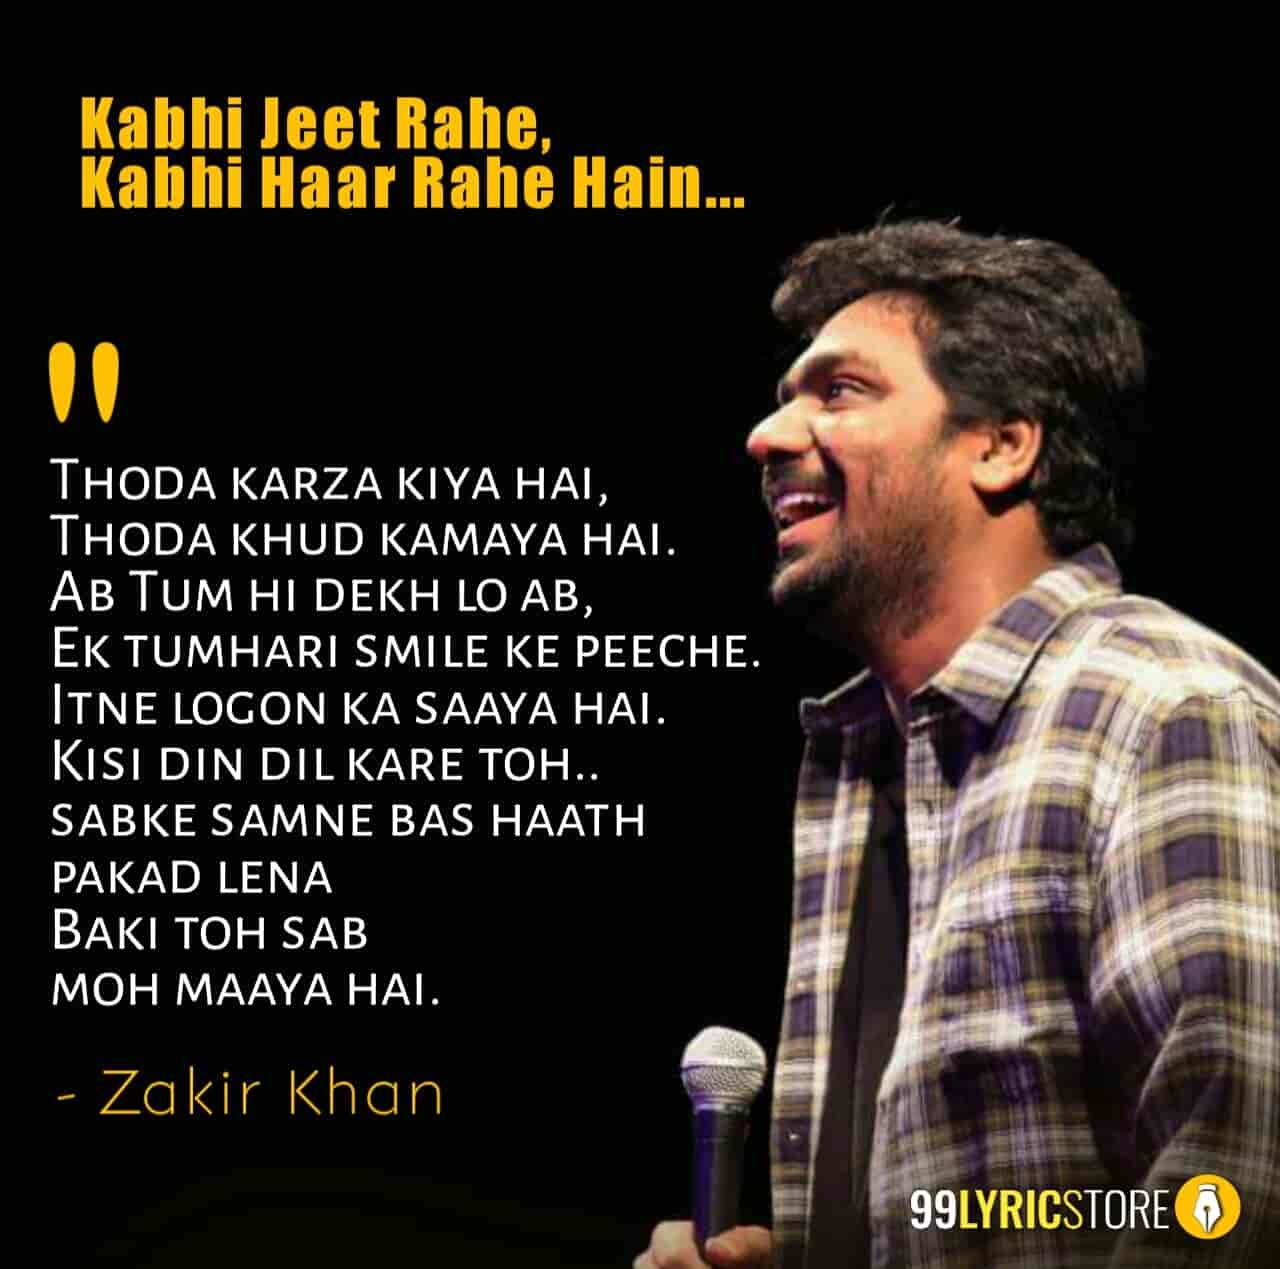 This unreleased poetry 'Kabhi Jeet Rahe, Kabhi Haar Rahe' which is written by Zakir Khan.